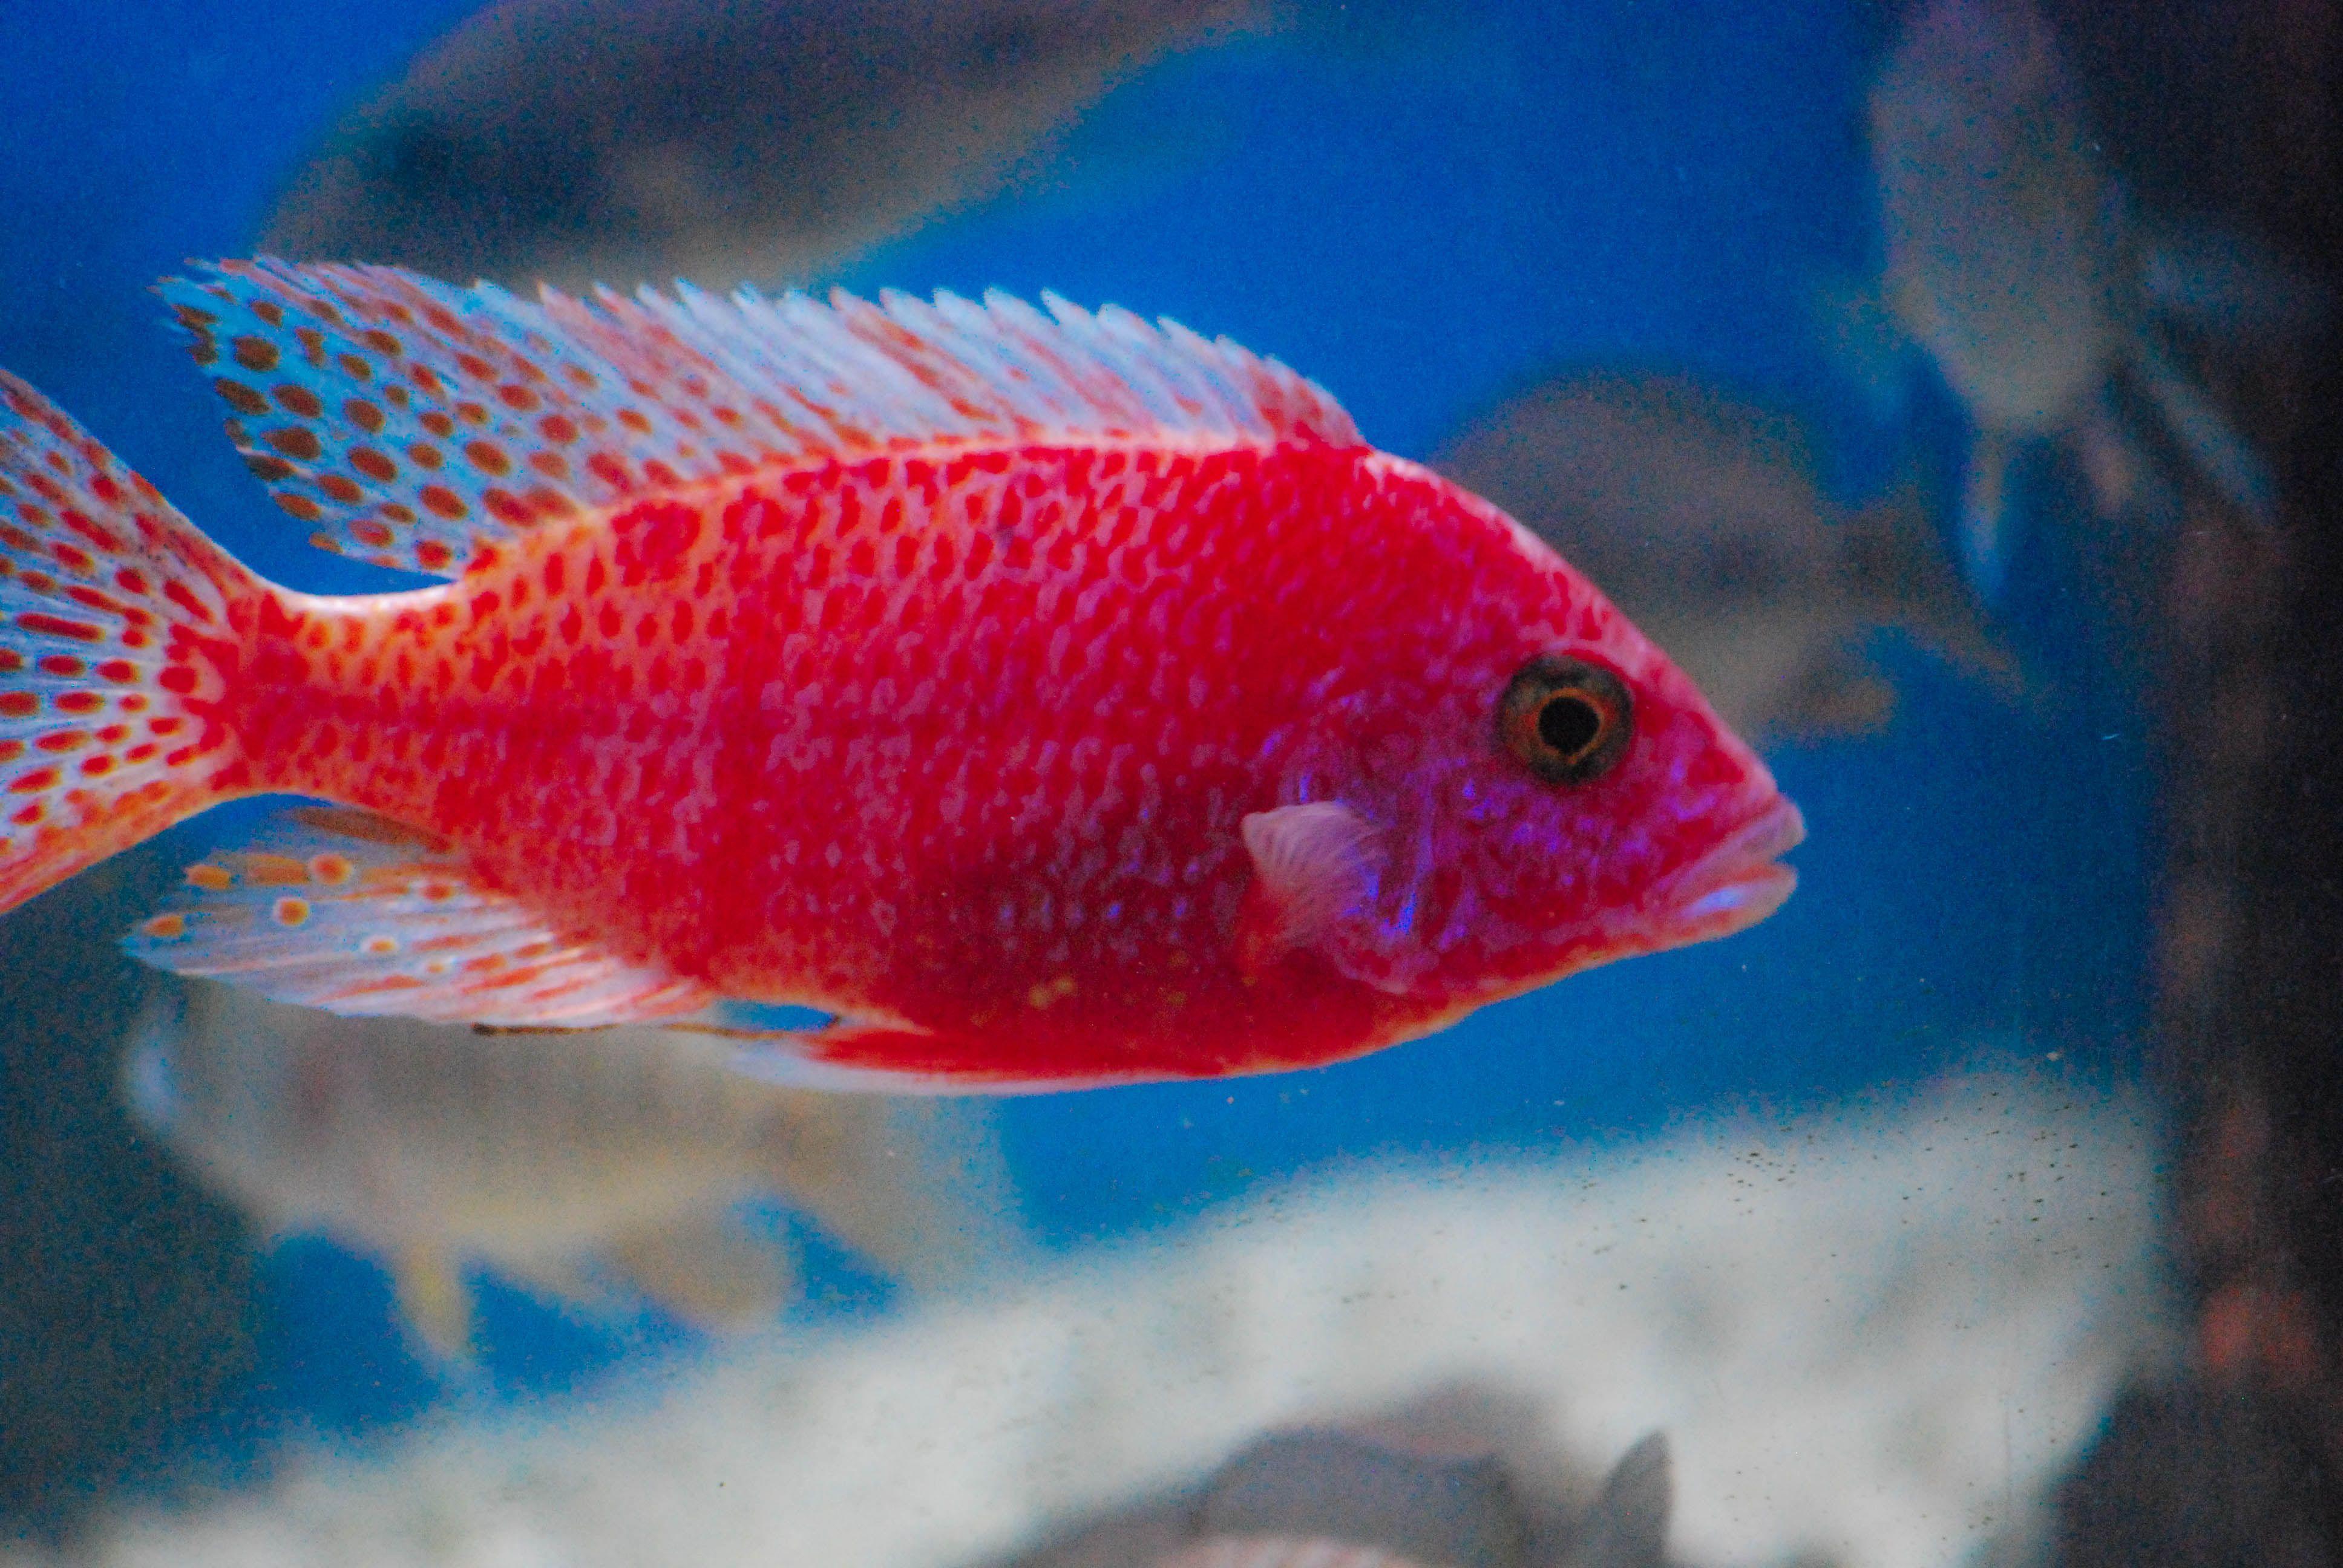 Strawberry Peacock Cichlid Aquarium Fish For Sale Aquarium Fish Fish